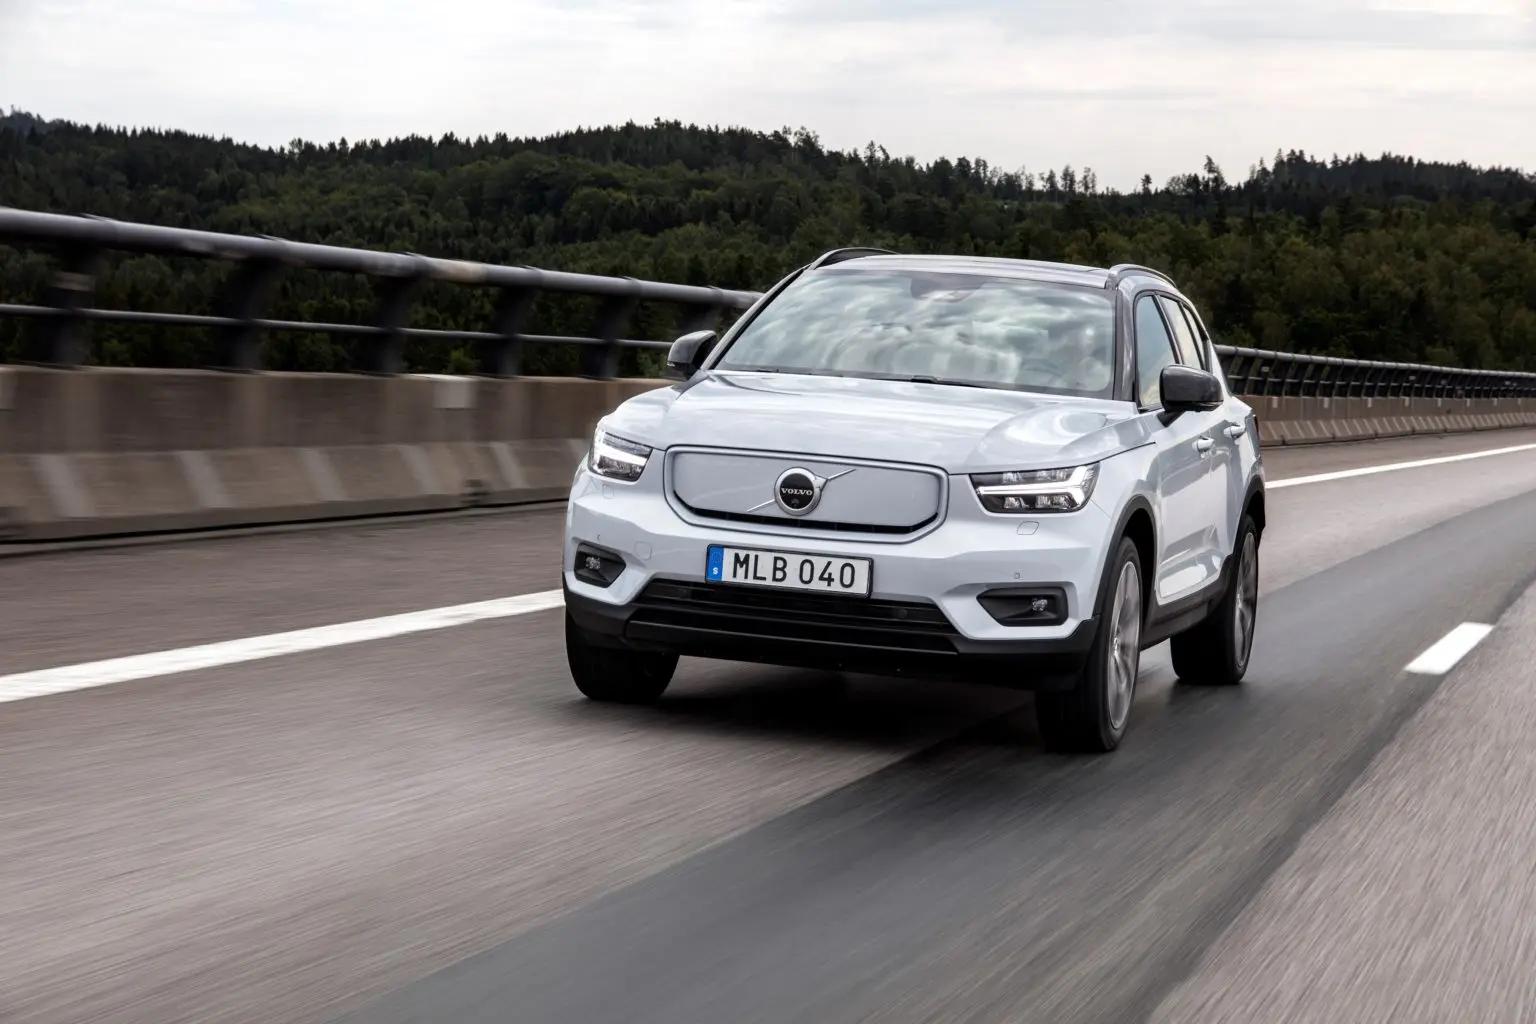 XC40 Recharge Pure Electric oferece luxo e desempenho mais acessíveis que outras marcas. (Imagem: Volvo/Divulgação)